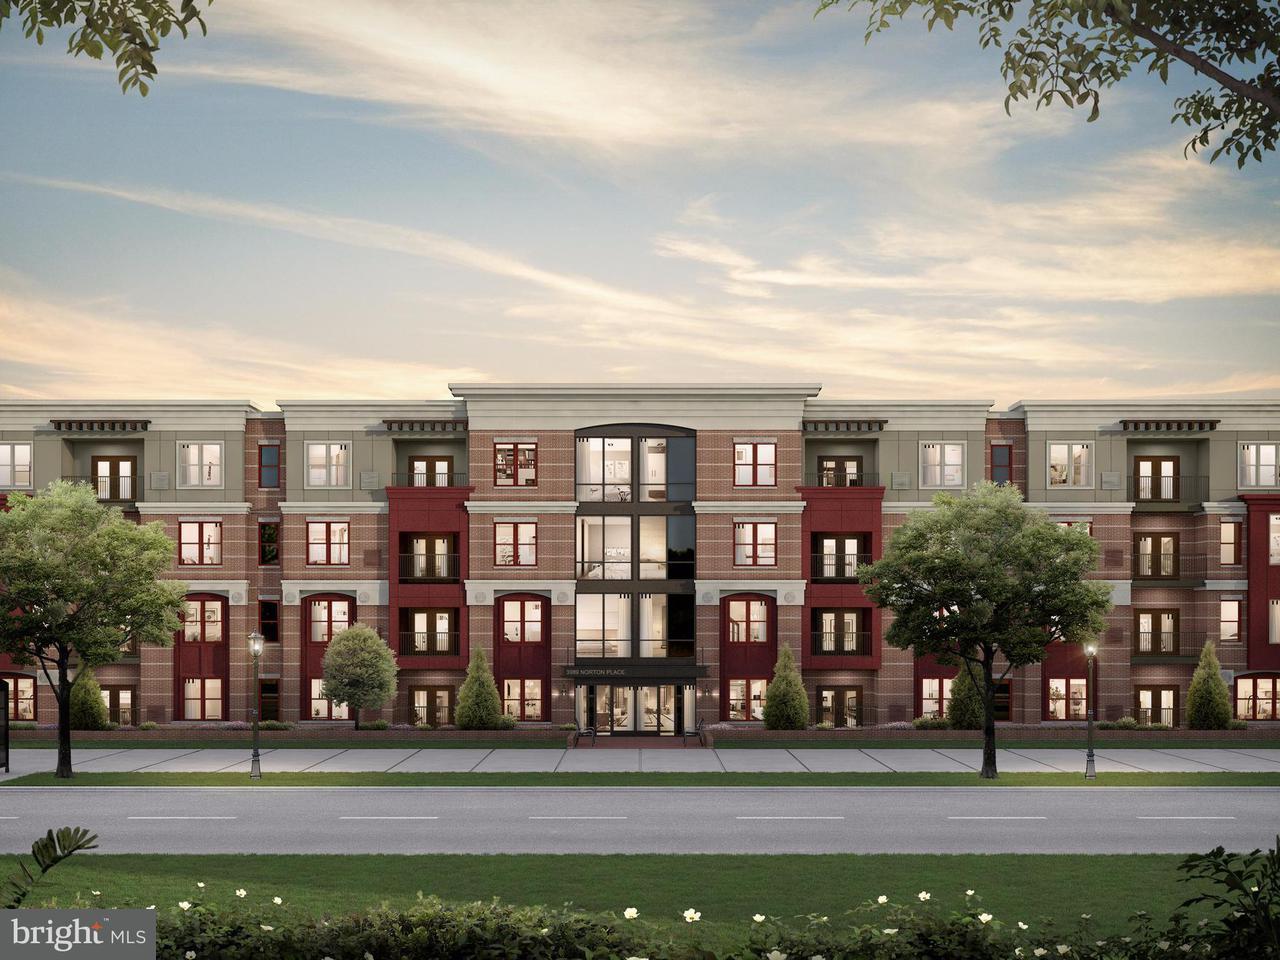 Appartement en copropriété pour l Vente à 3985 NORTON PL #10201 3985 NORTON PL #10201 Fairfax, Virginia 22030 États-Unis